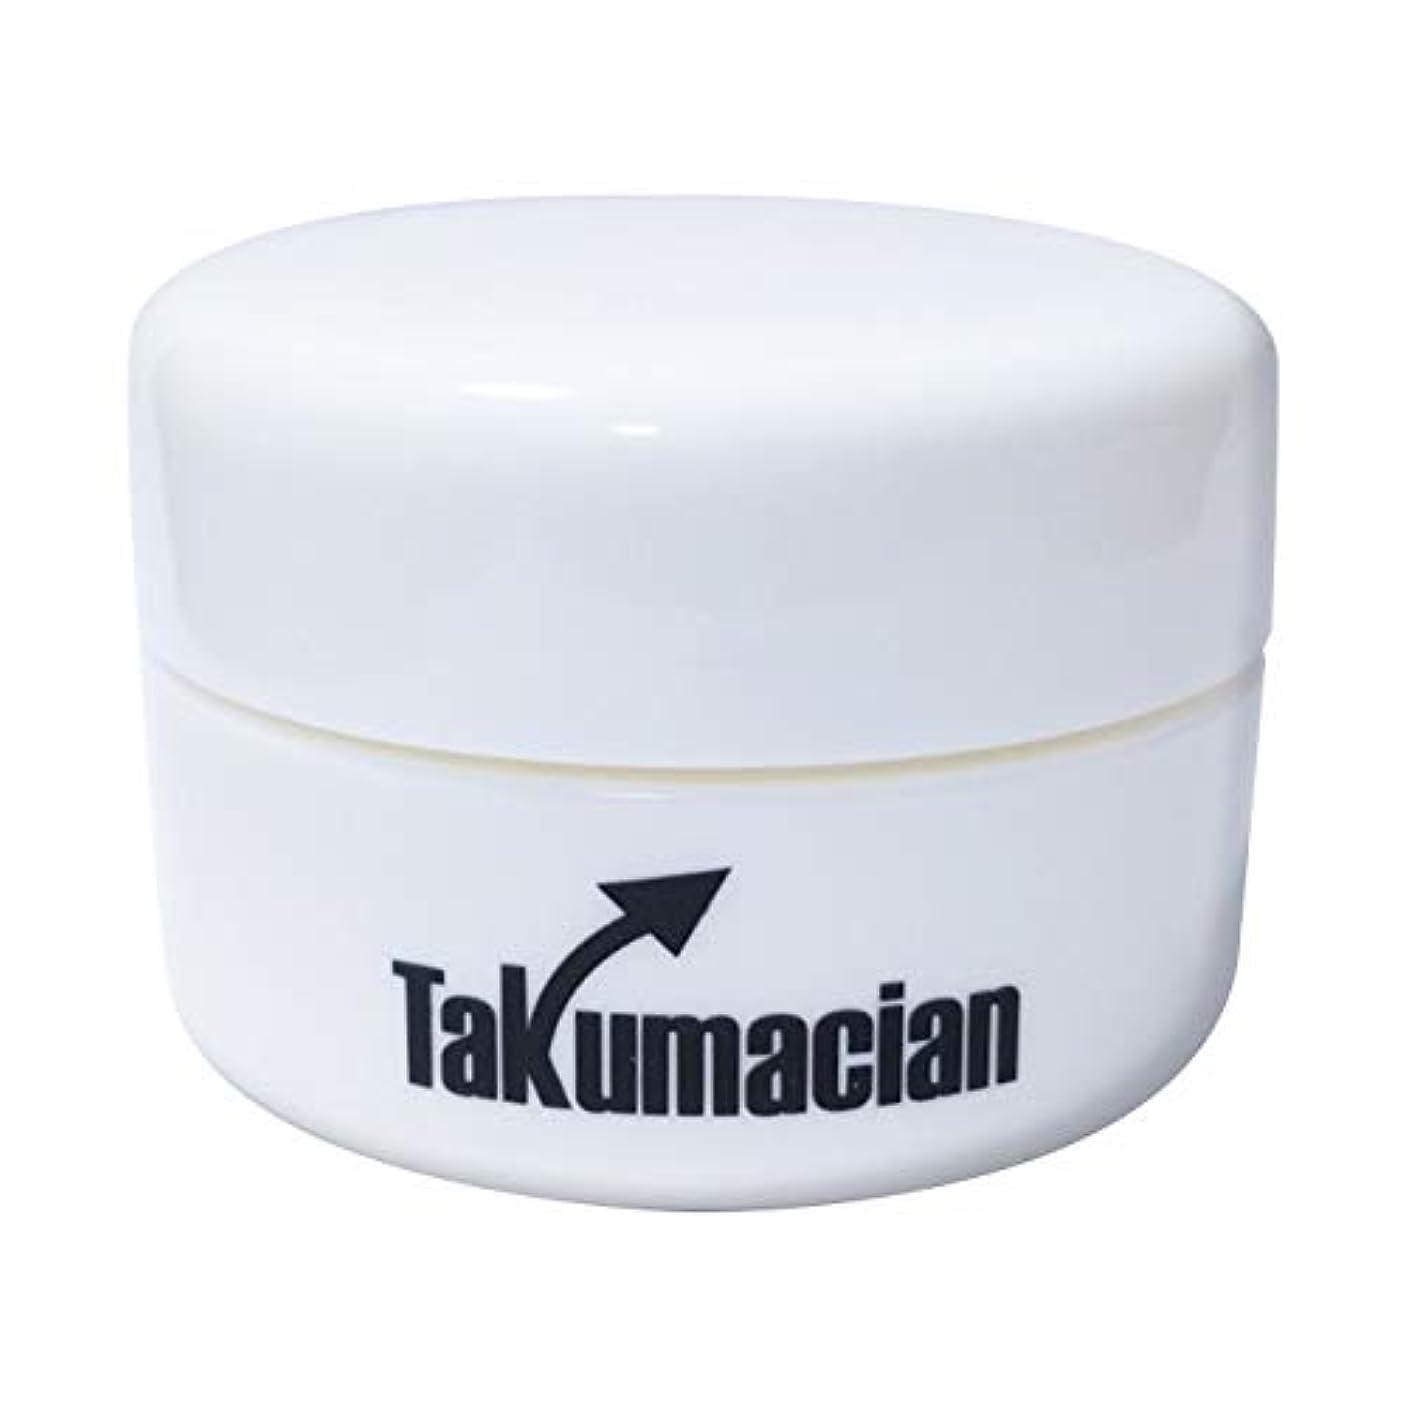 モノグラフ常習的マーキングTakumacian タクマシアン ボディ用クリーム 男性用 長持ち 自信